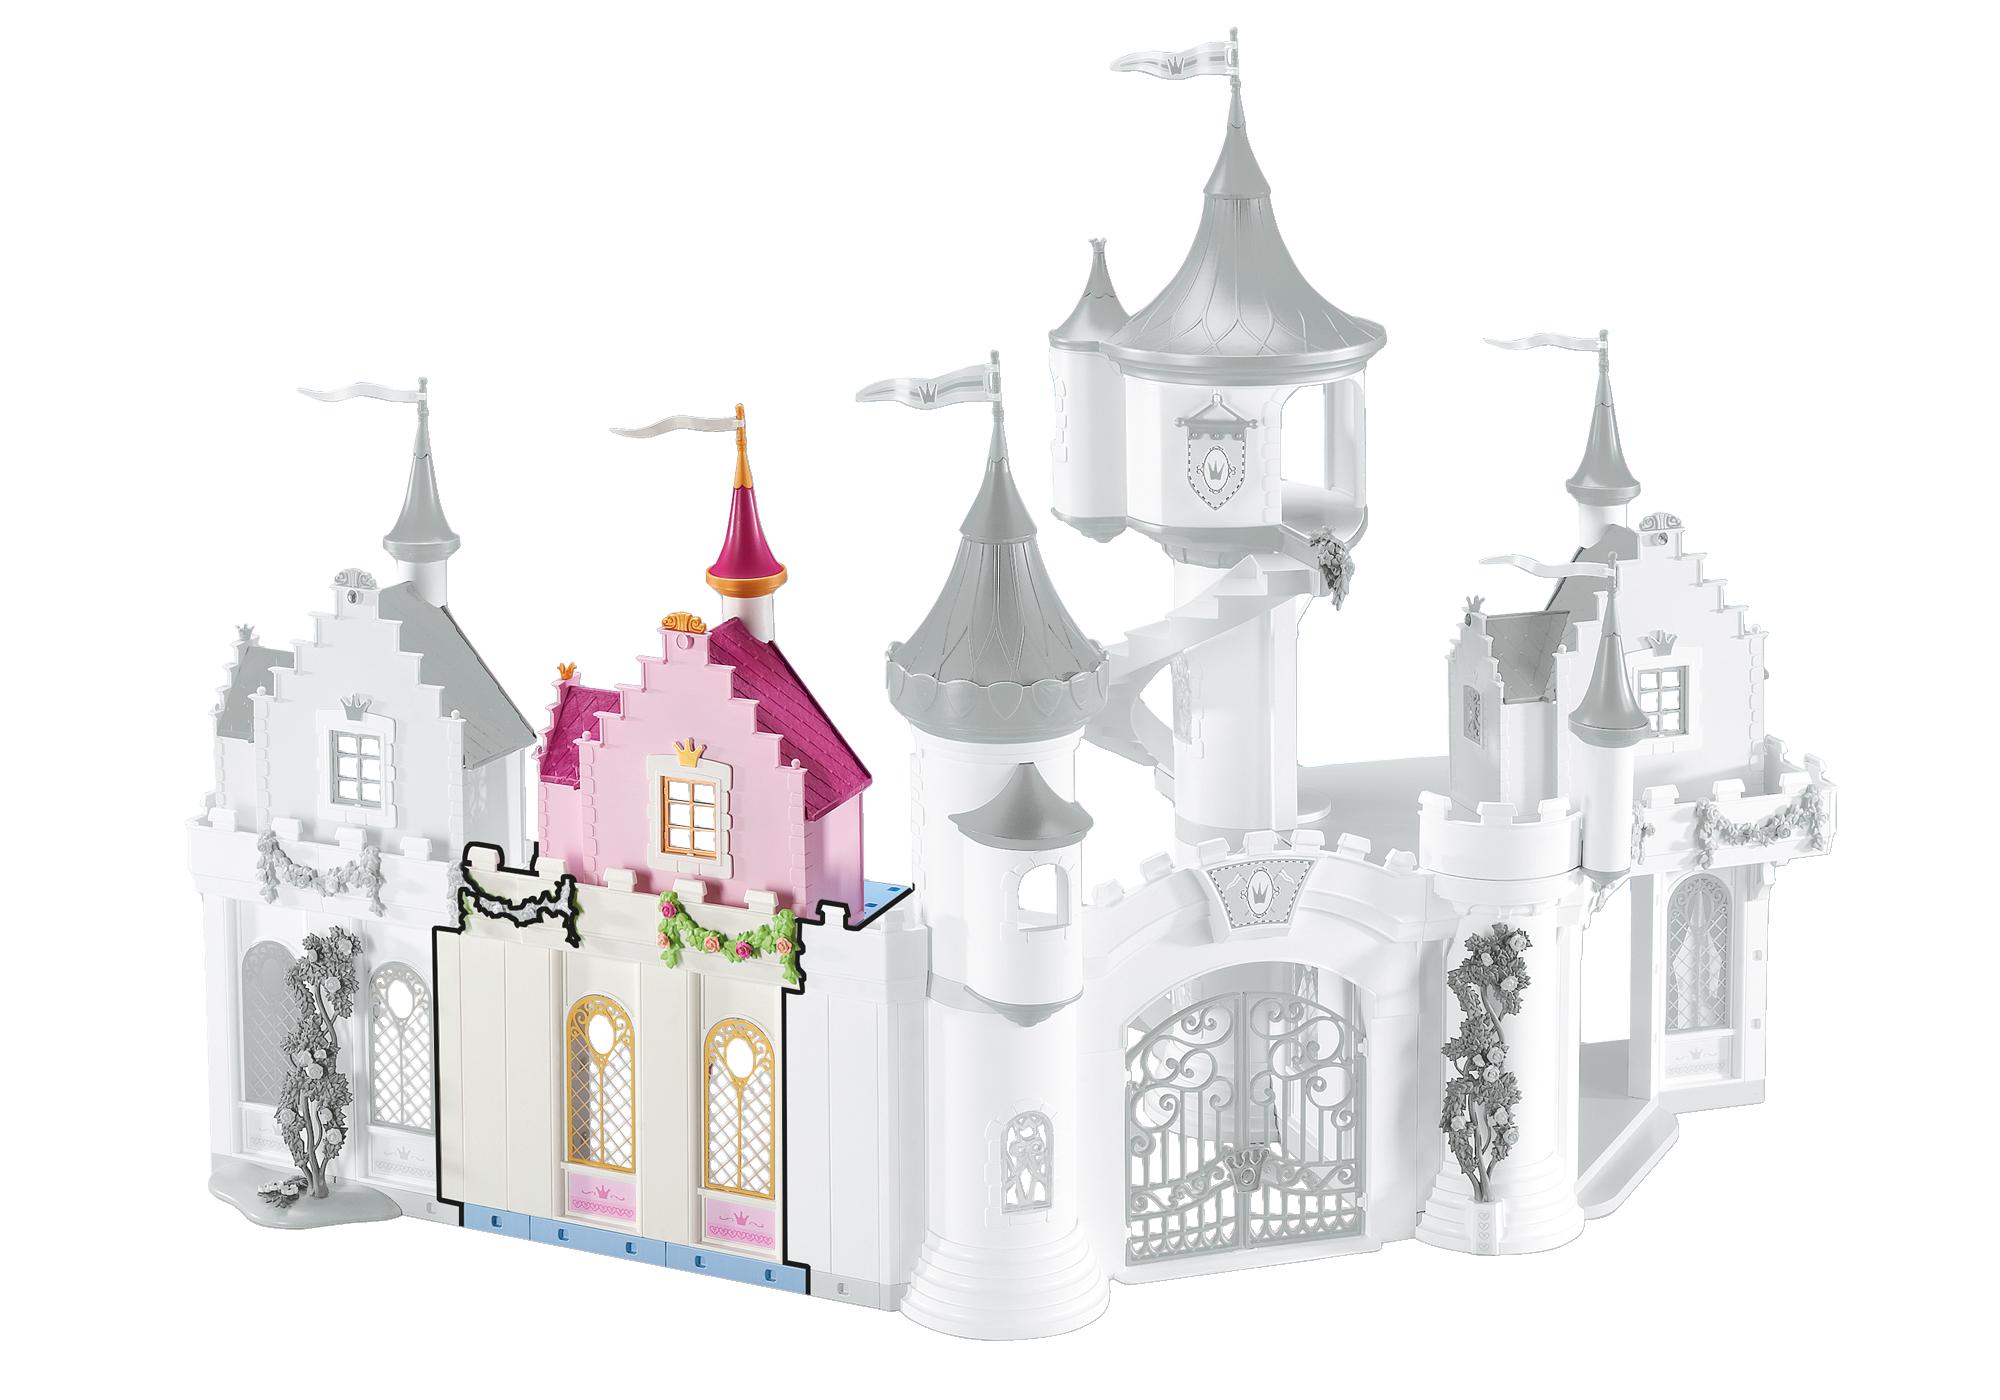 Façade Du0027extension Pour Le Grand Château De Princesse